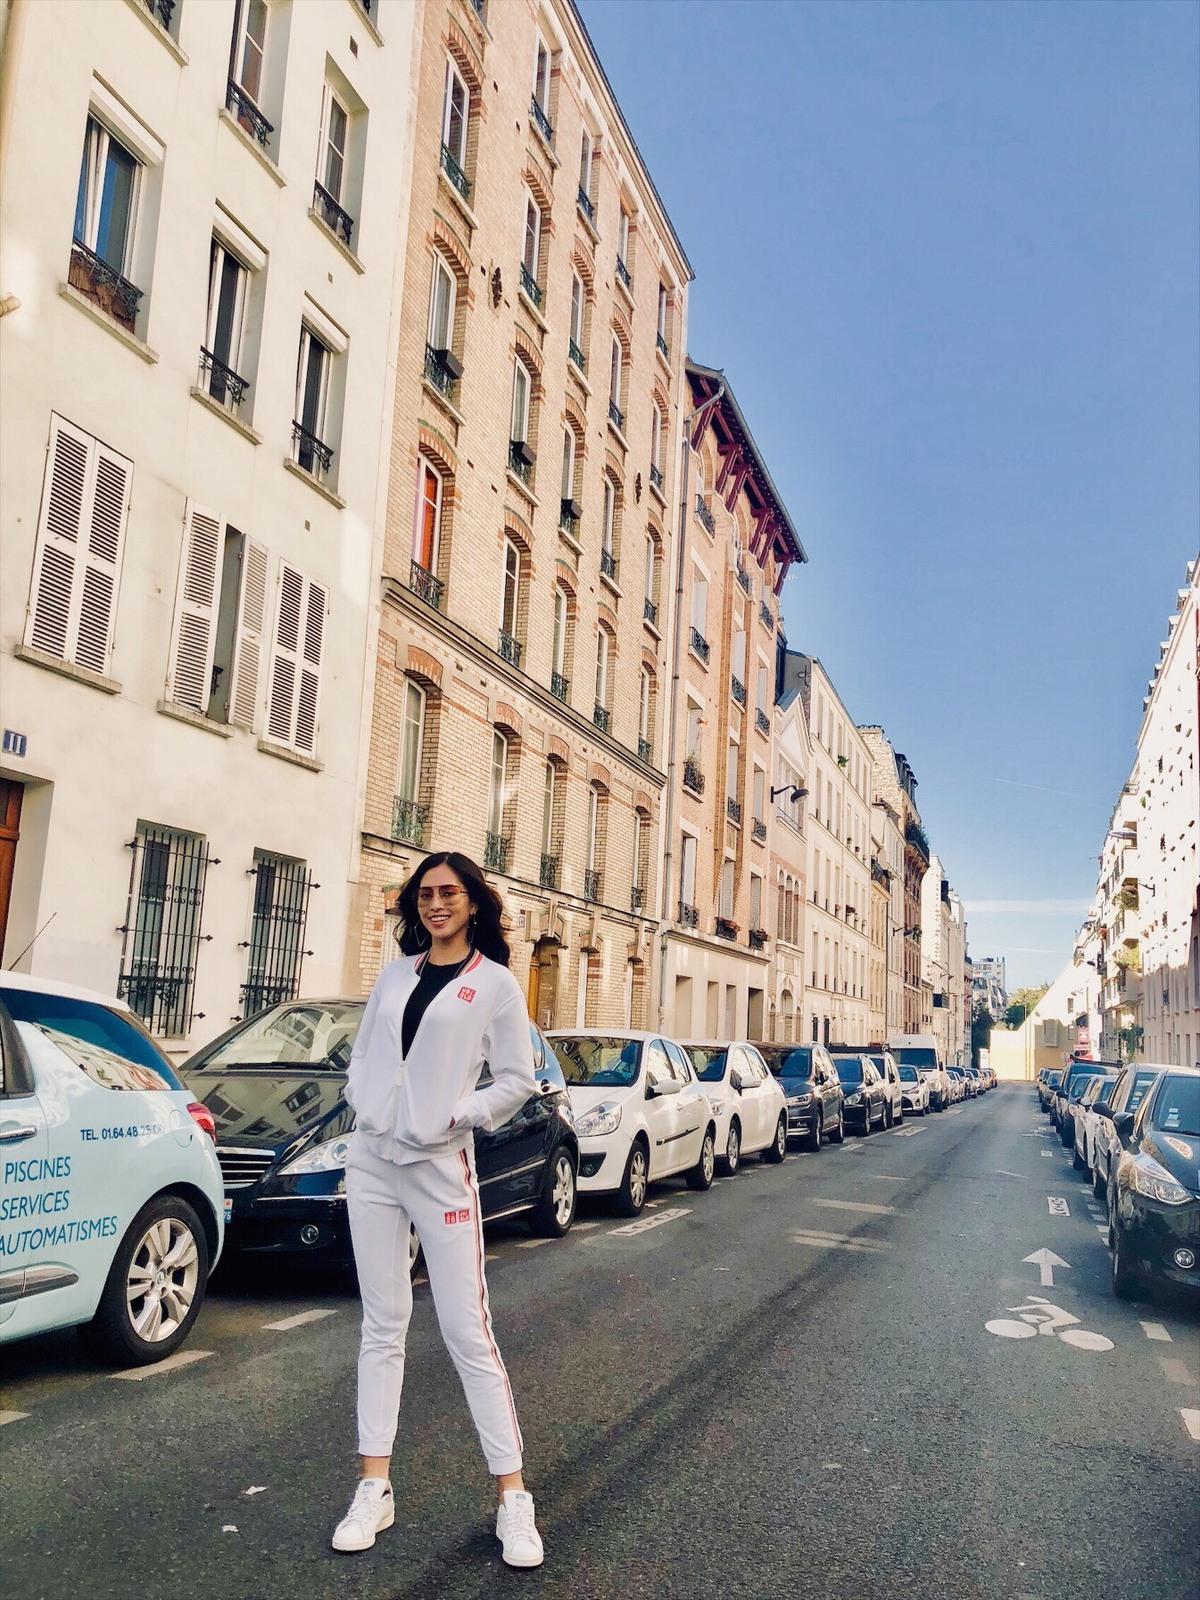 Hoa hậu Trần Tiểu Vy đẹp không cần cố gắng như cô nàng Paris trên đất Pháp - Hình 6